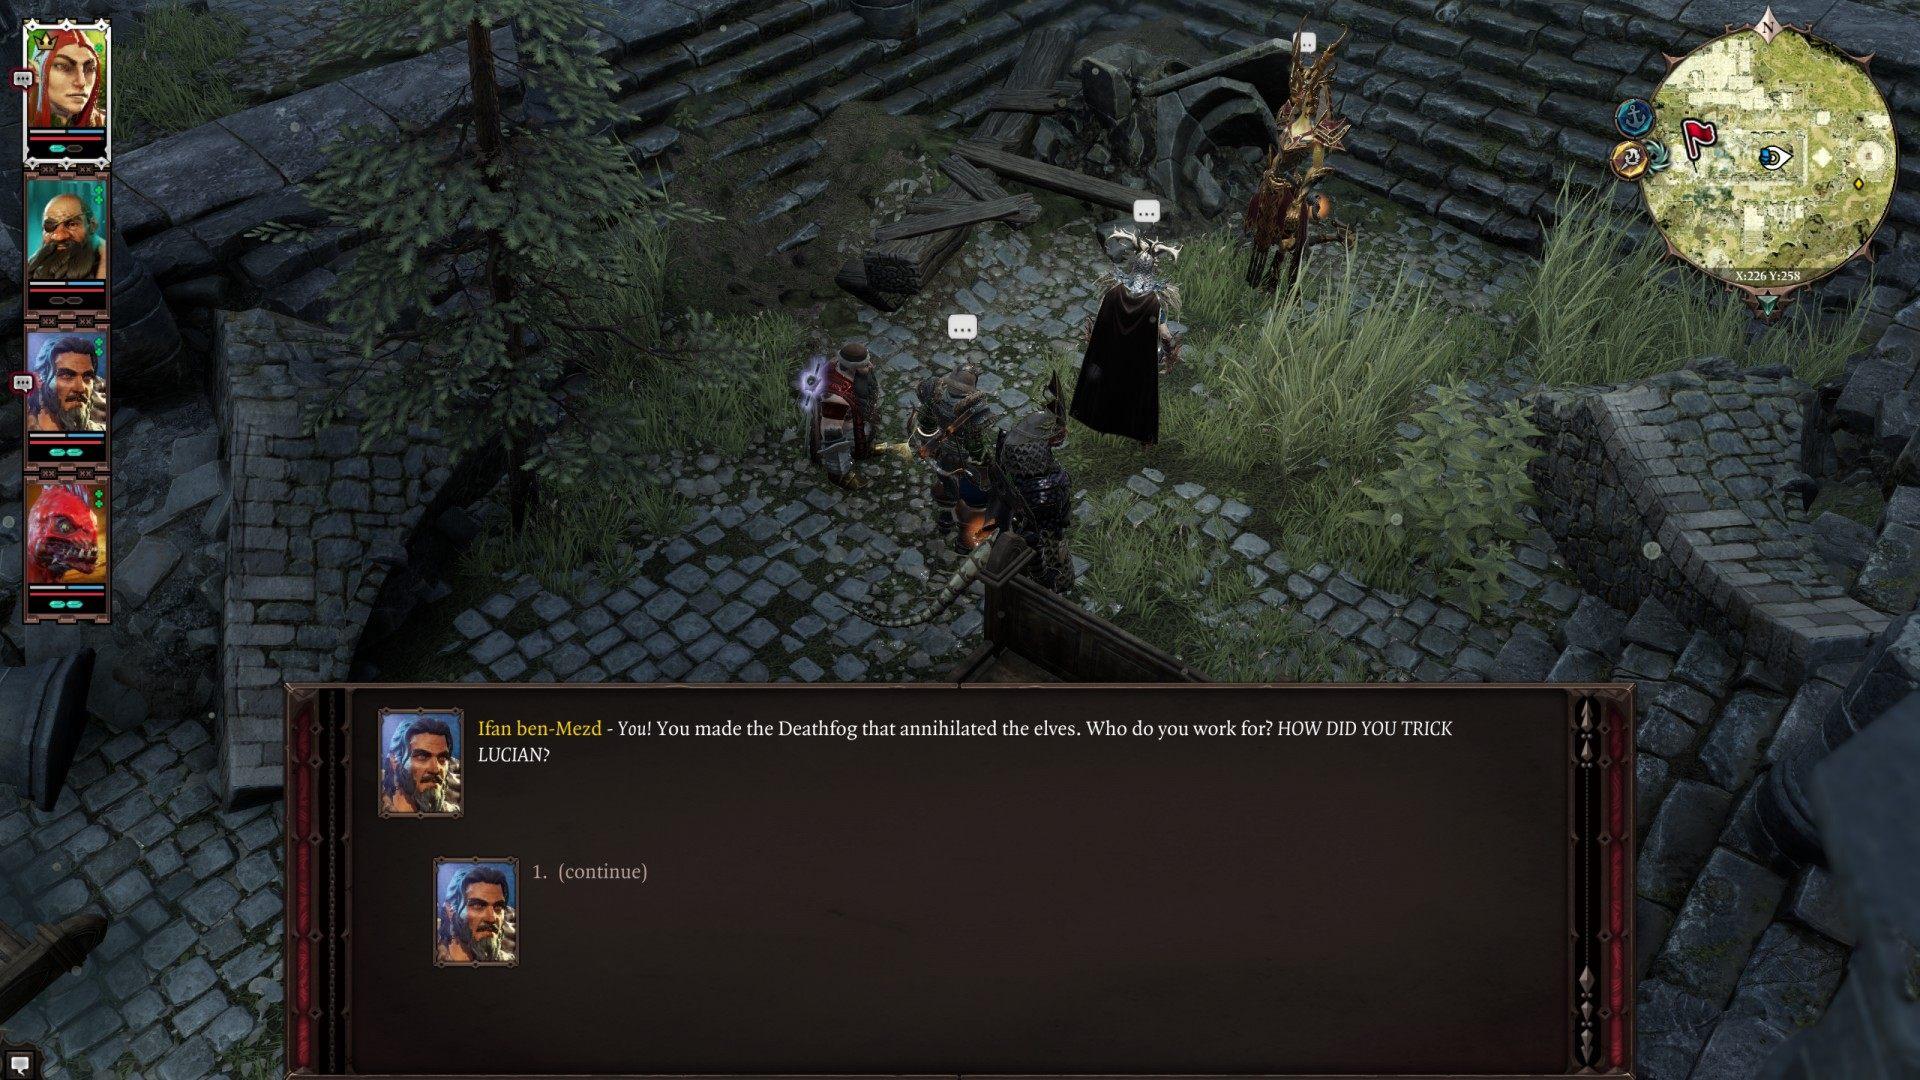 Ifan ben-Mezd, Divinity: Original Sin 2 Quest